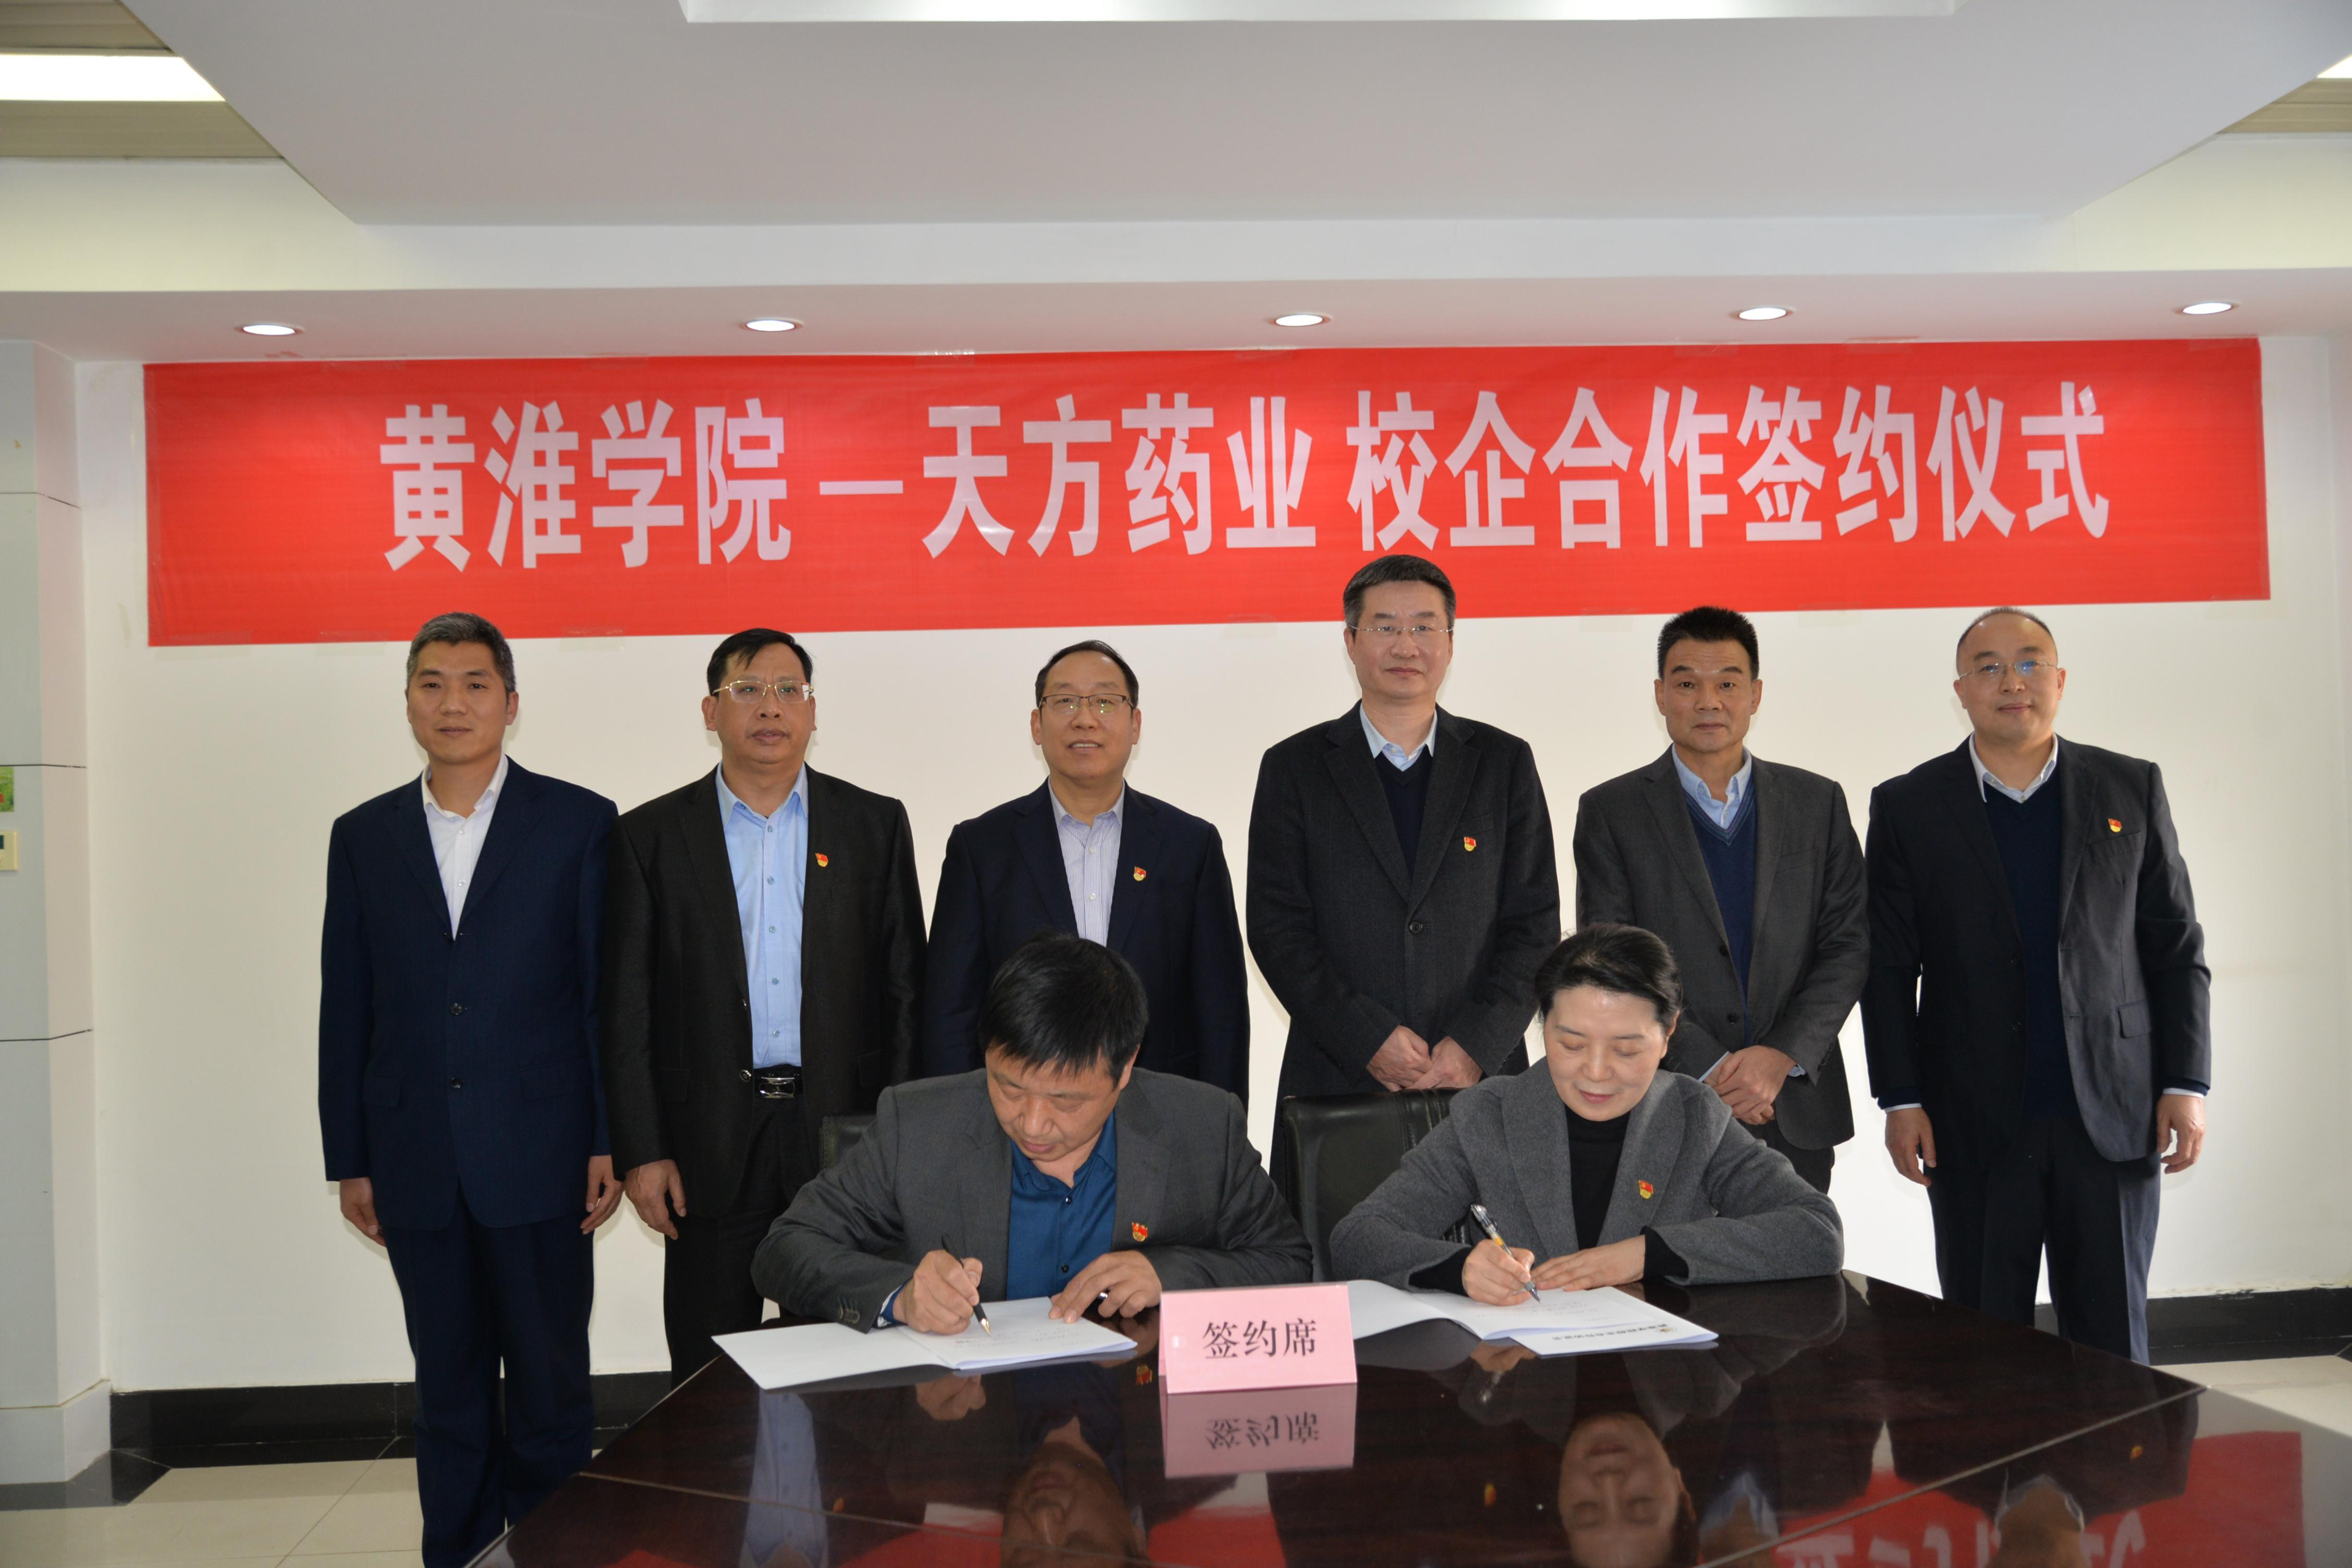 叁陆陆药业与黄淮学院签署战略合作框架协议